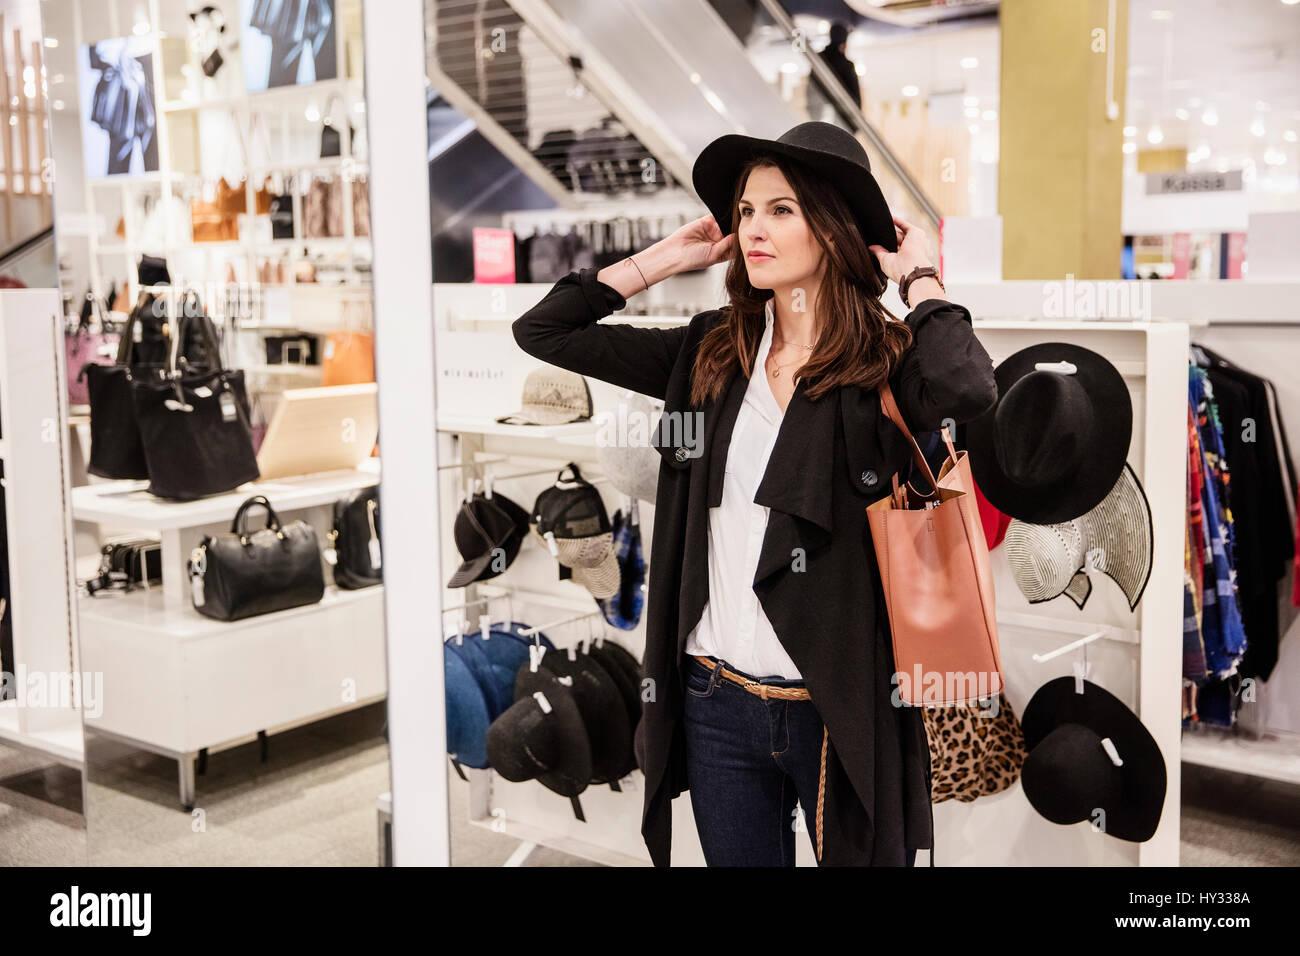 La Suède, femme choisissant hat in shop Photo Stock